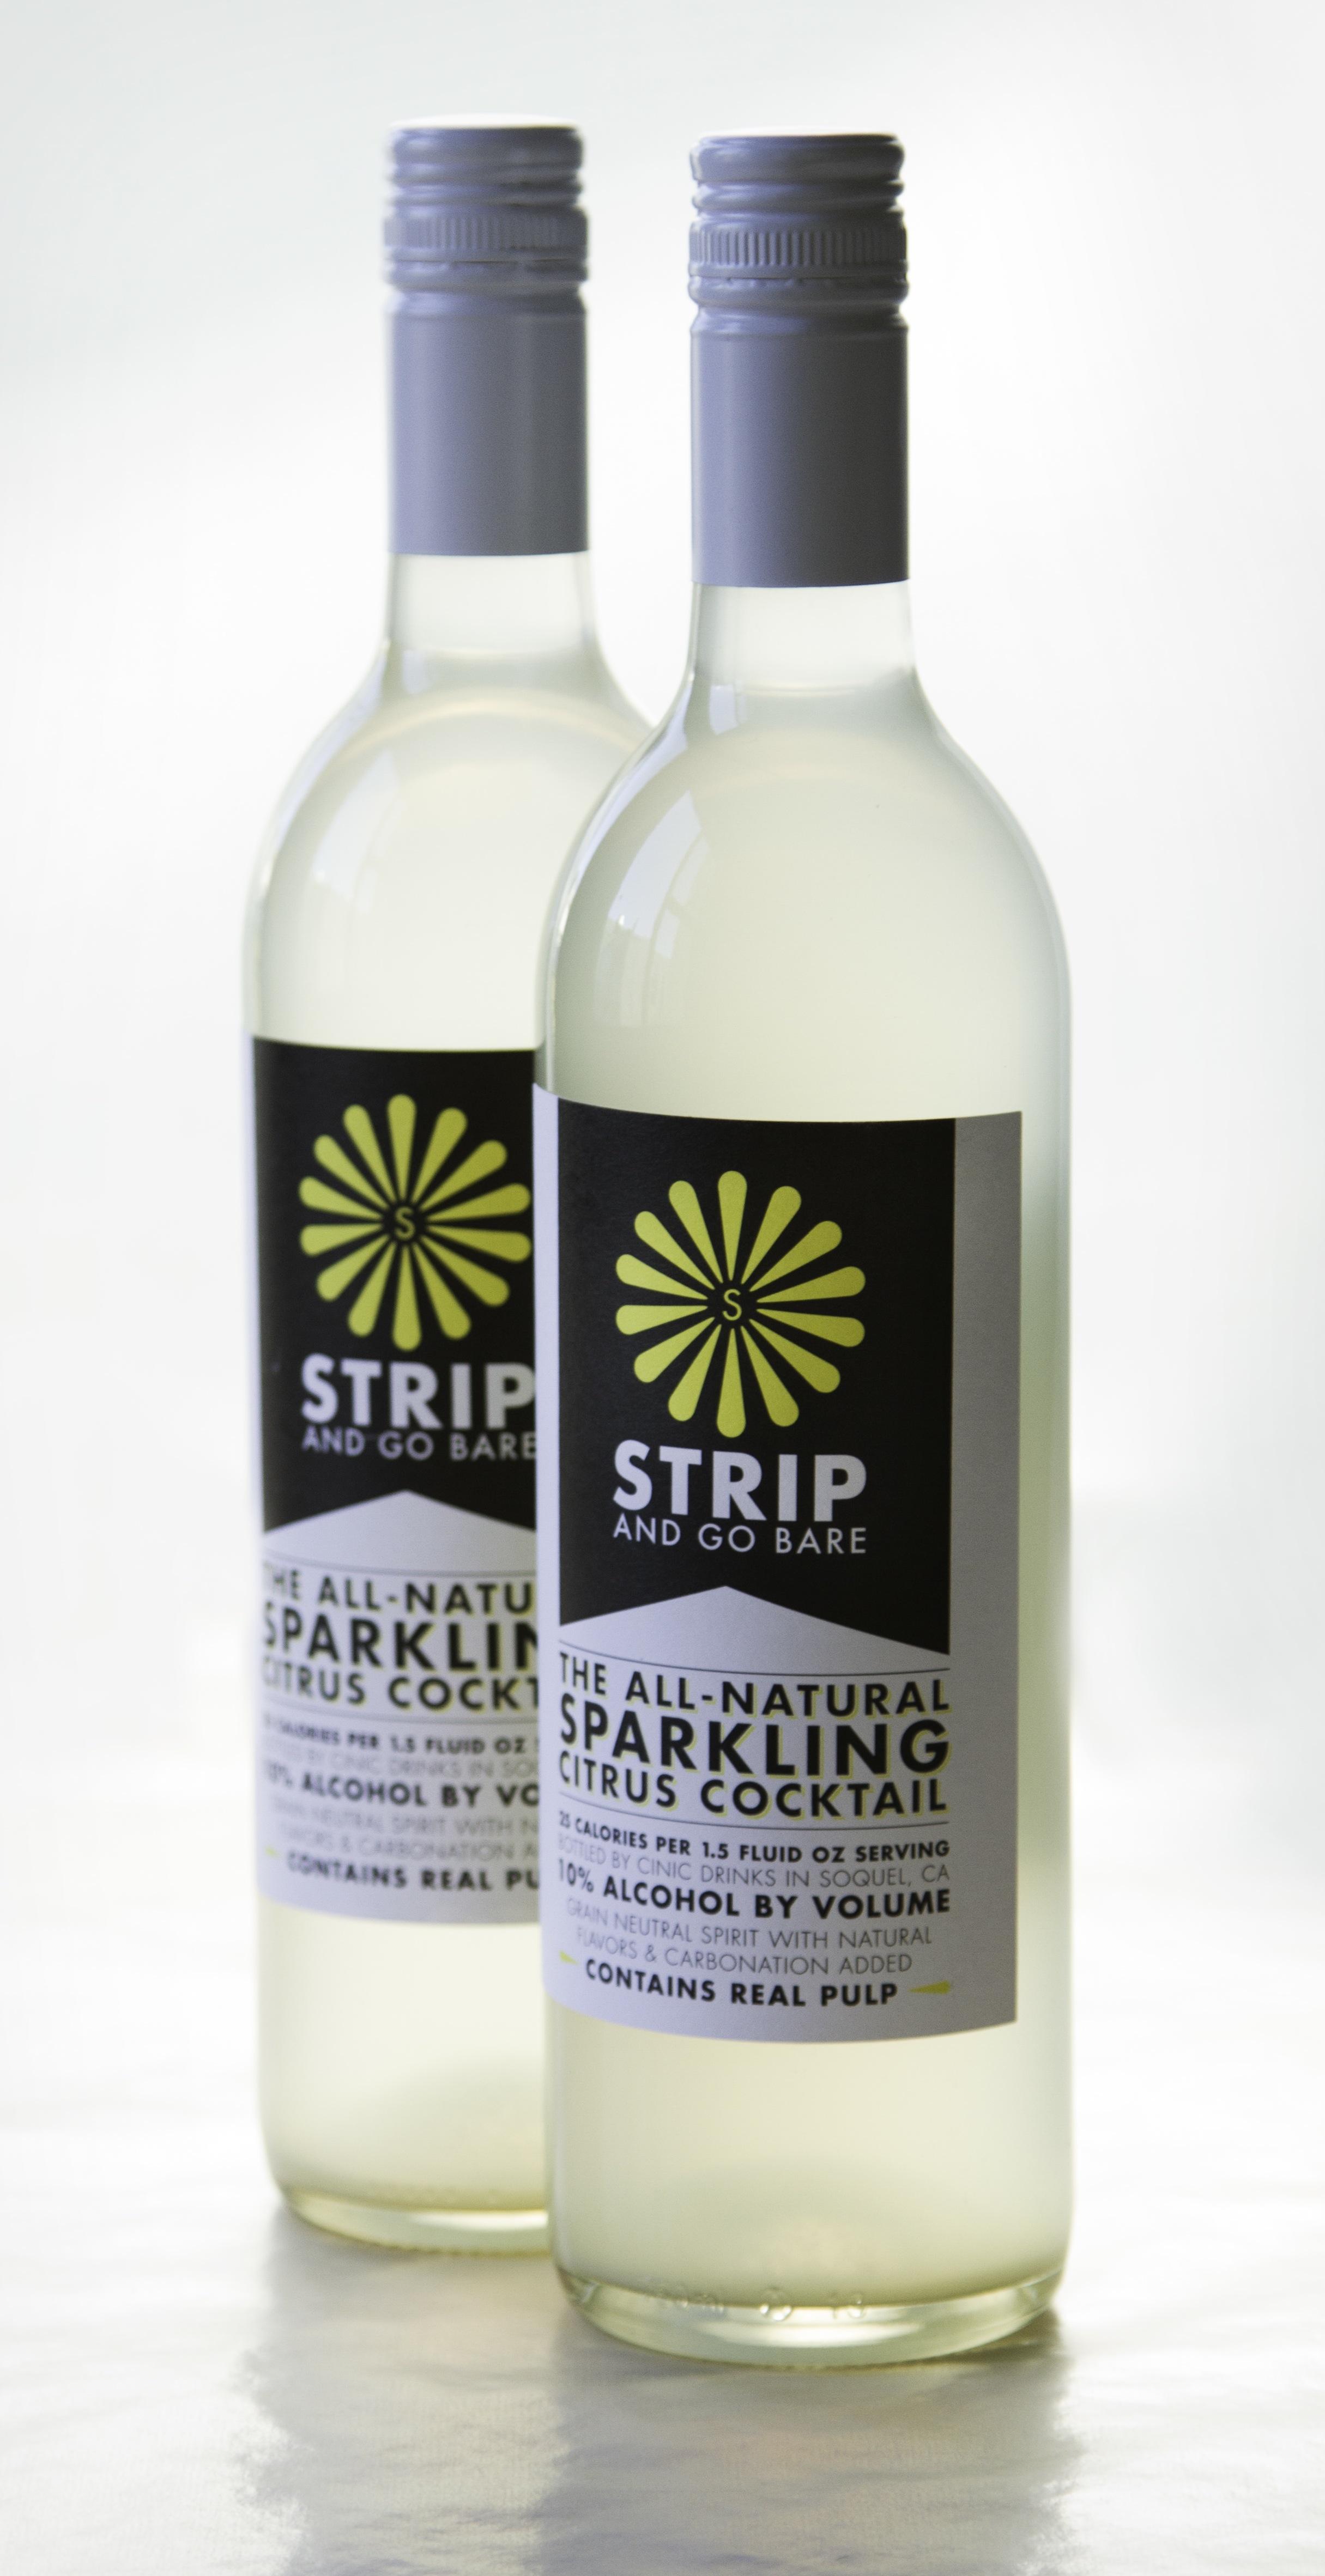 Strip and Go Bare Bottle Shot.jpg